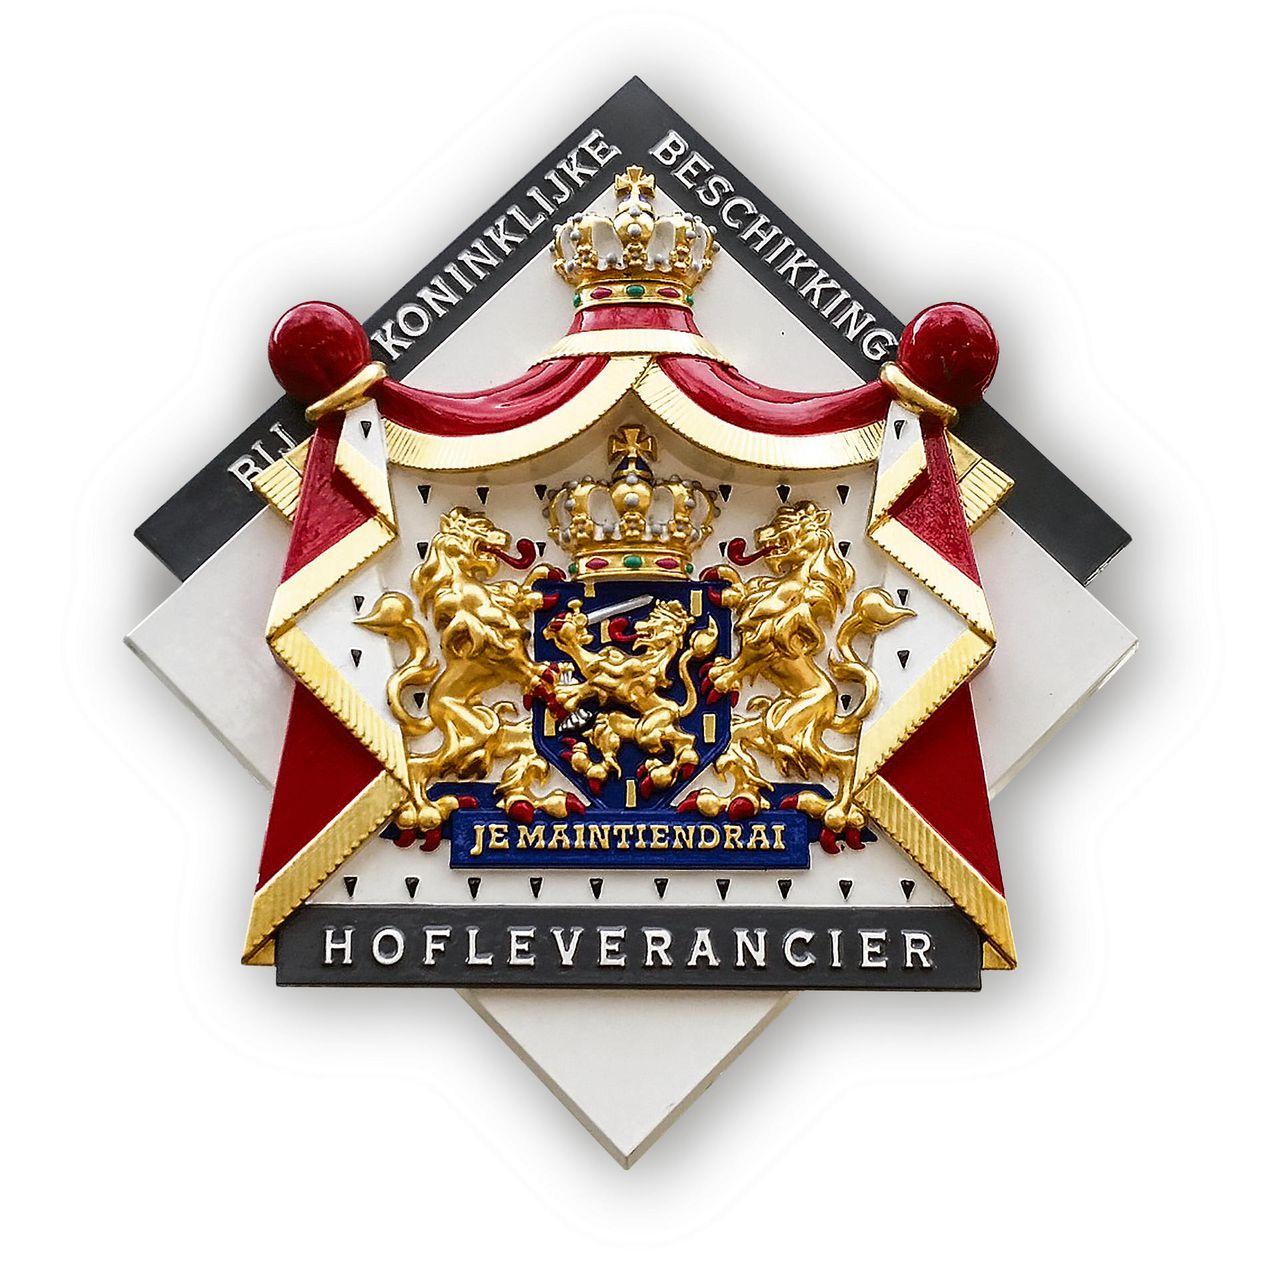 Bakkerij Hilvers bij Koninklijke Beschikking Hofleverancier